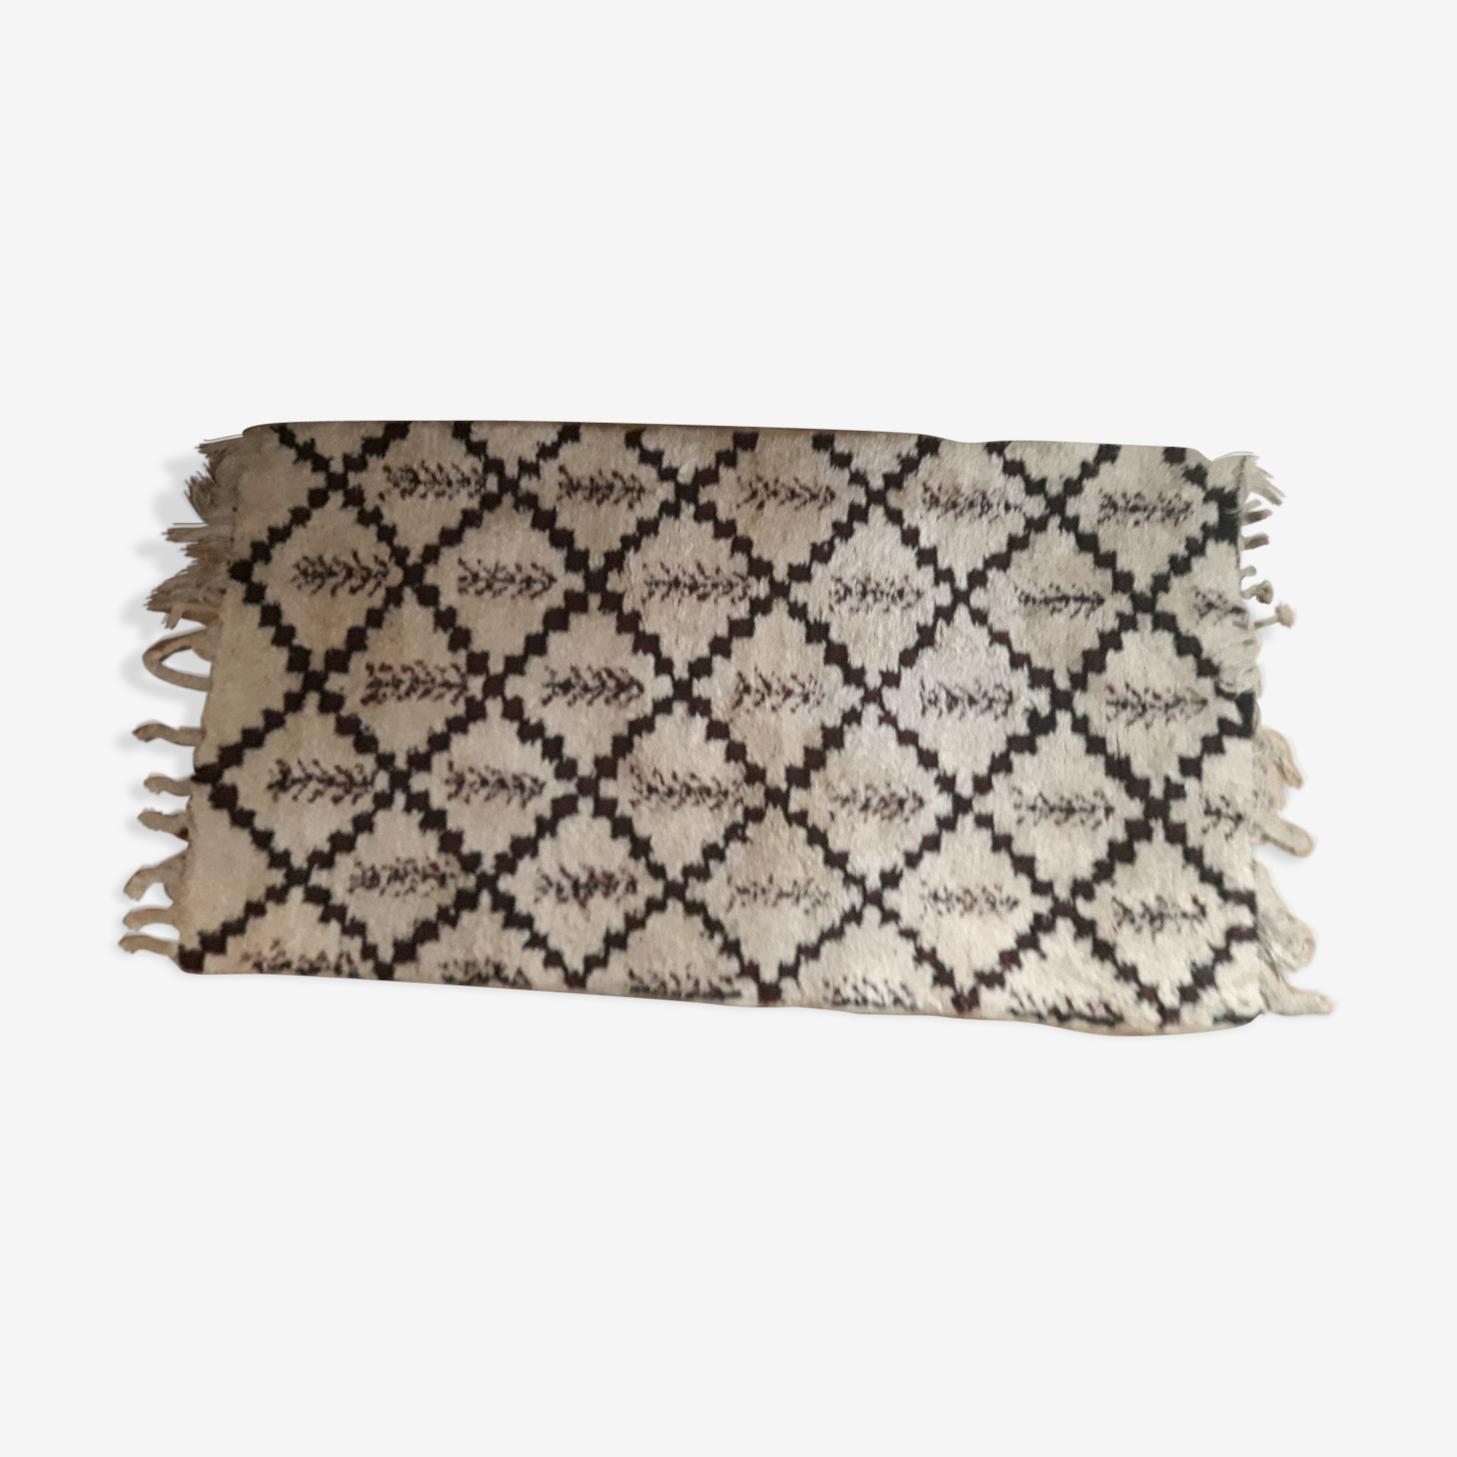 Beni Ouarain carpet 75x145cm